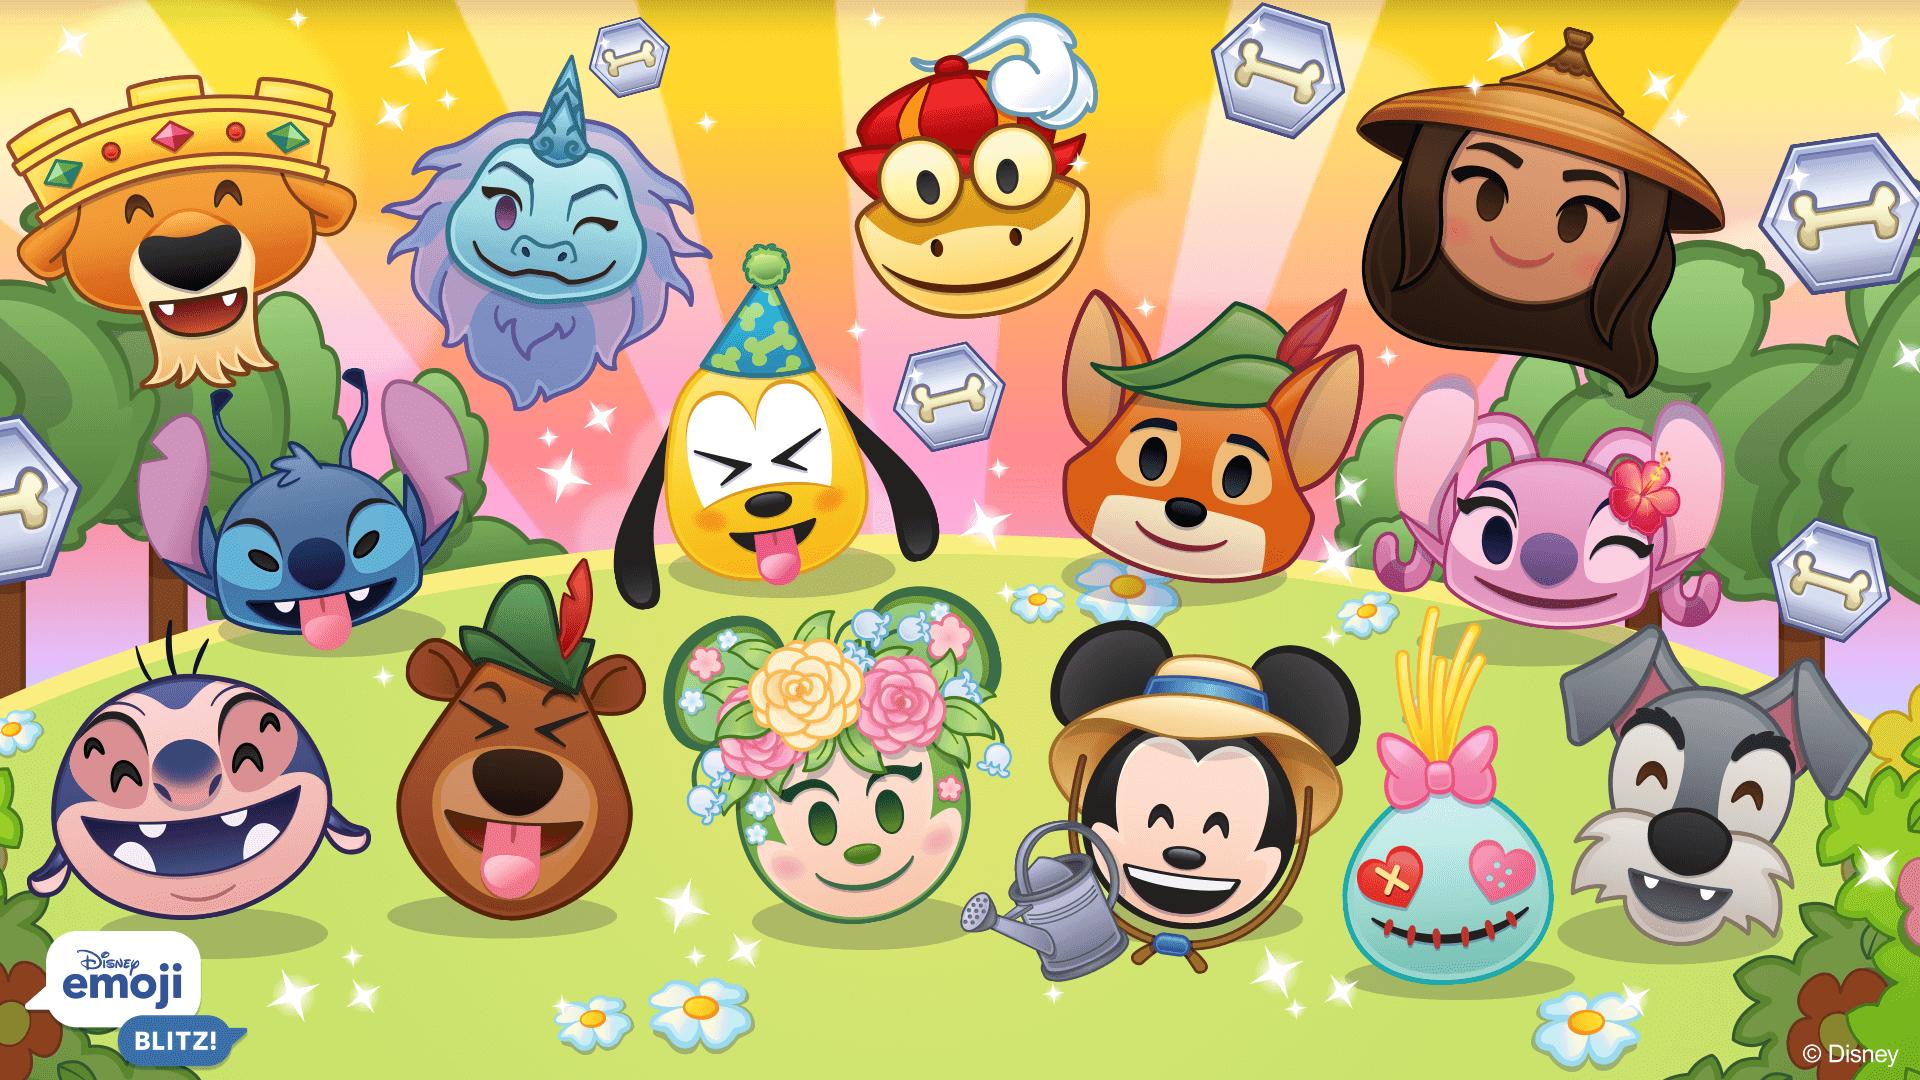 March Update, Disney Emoji Blitz